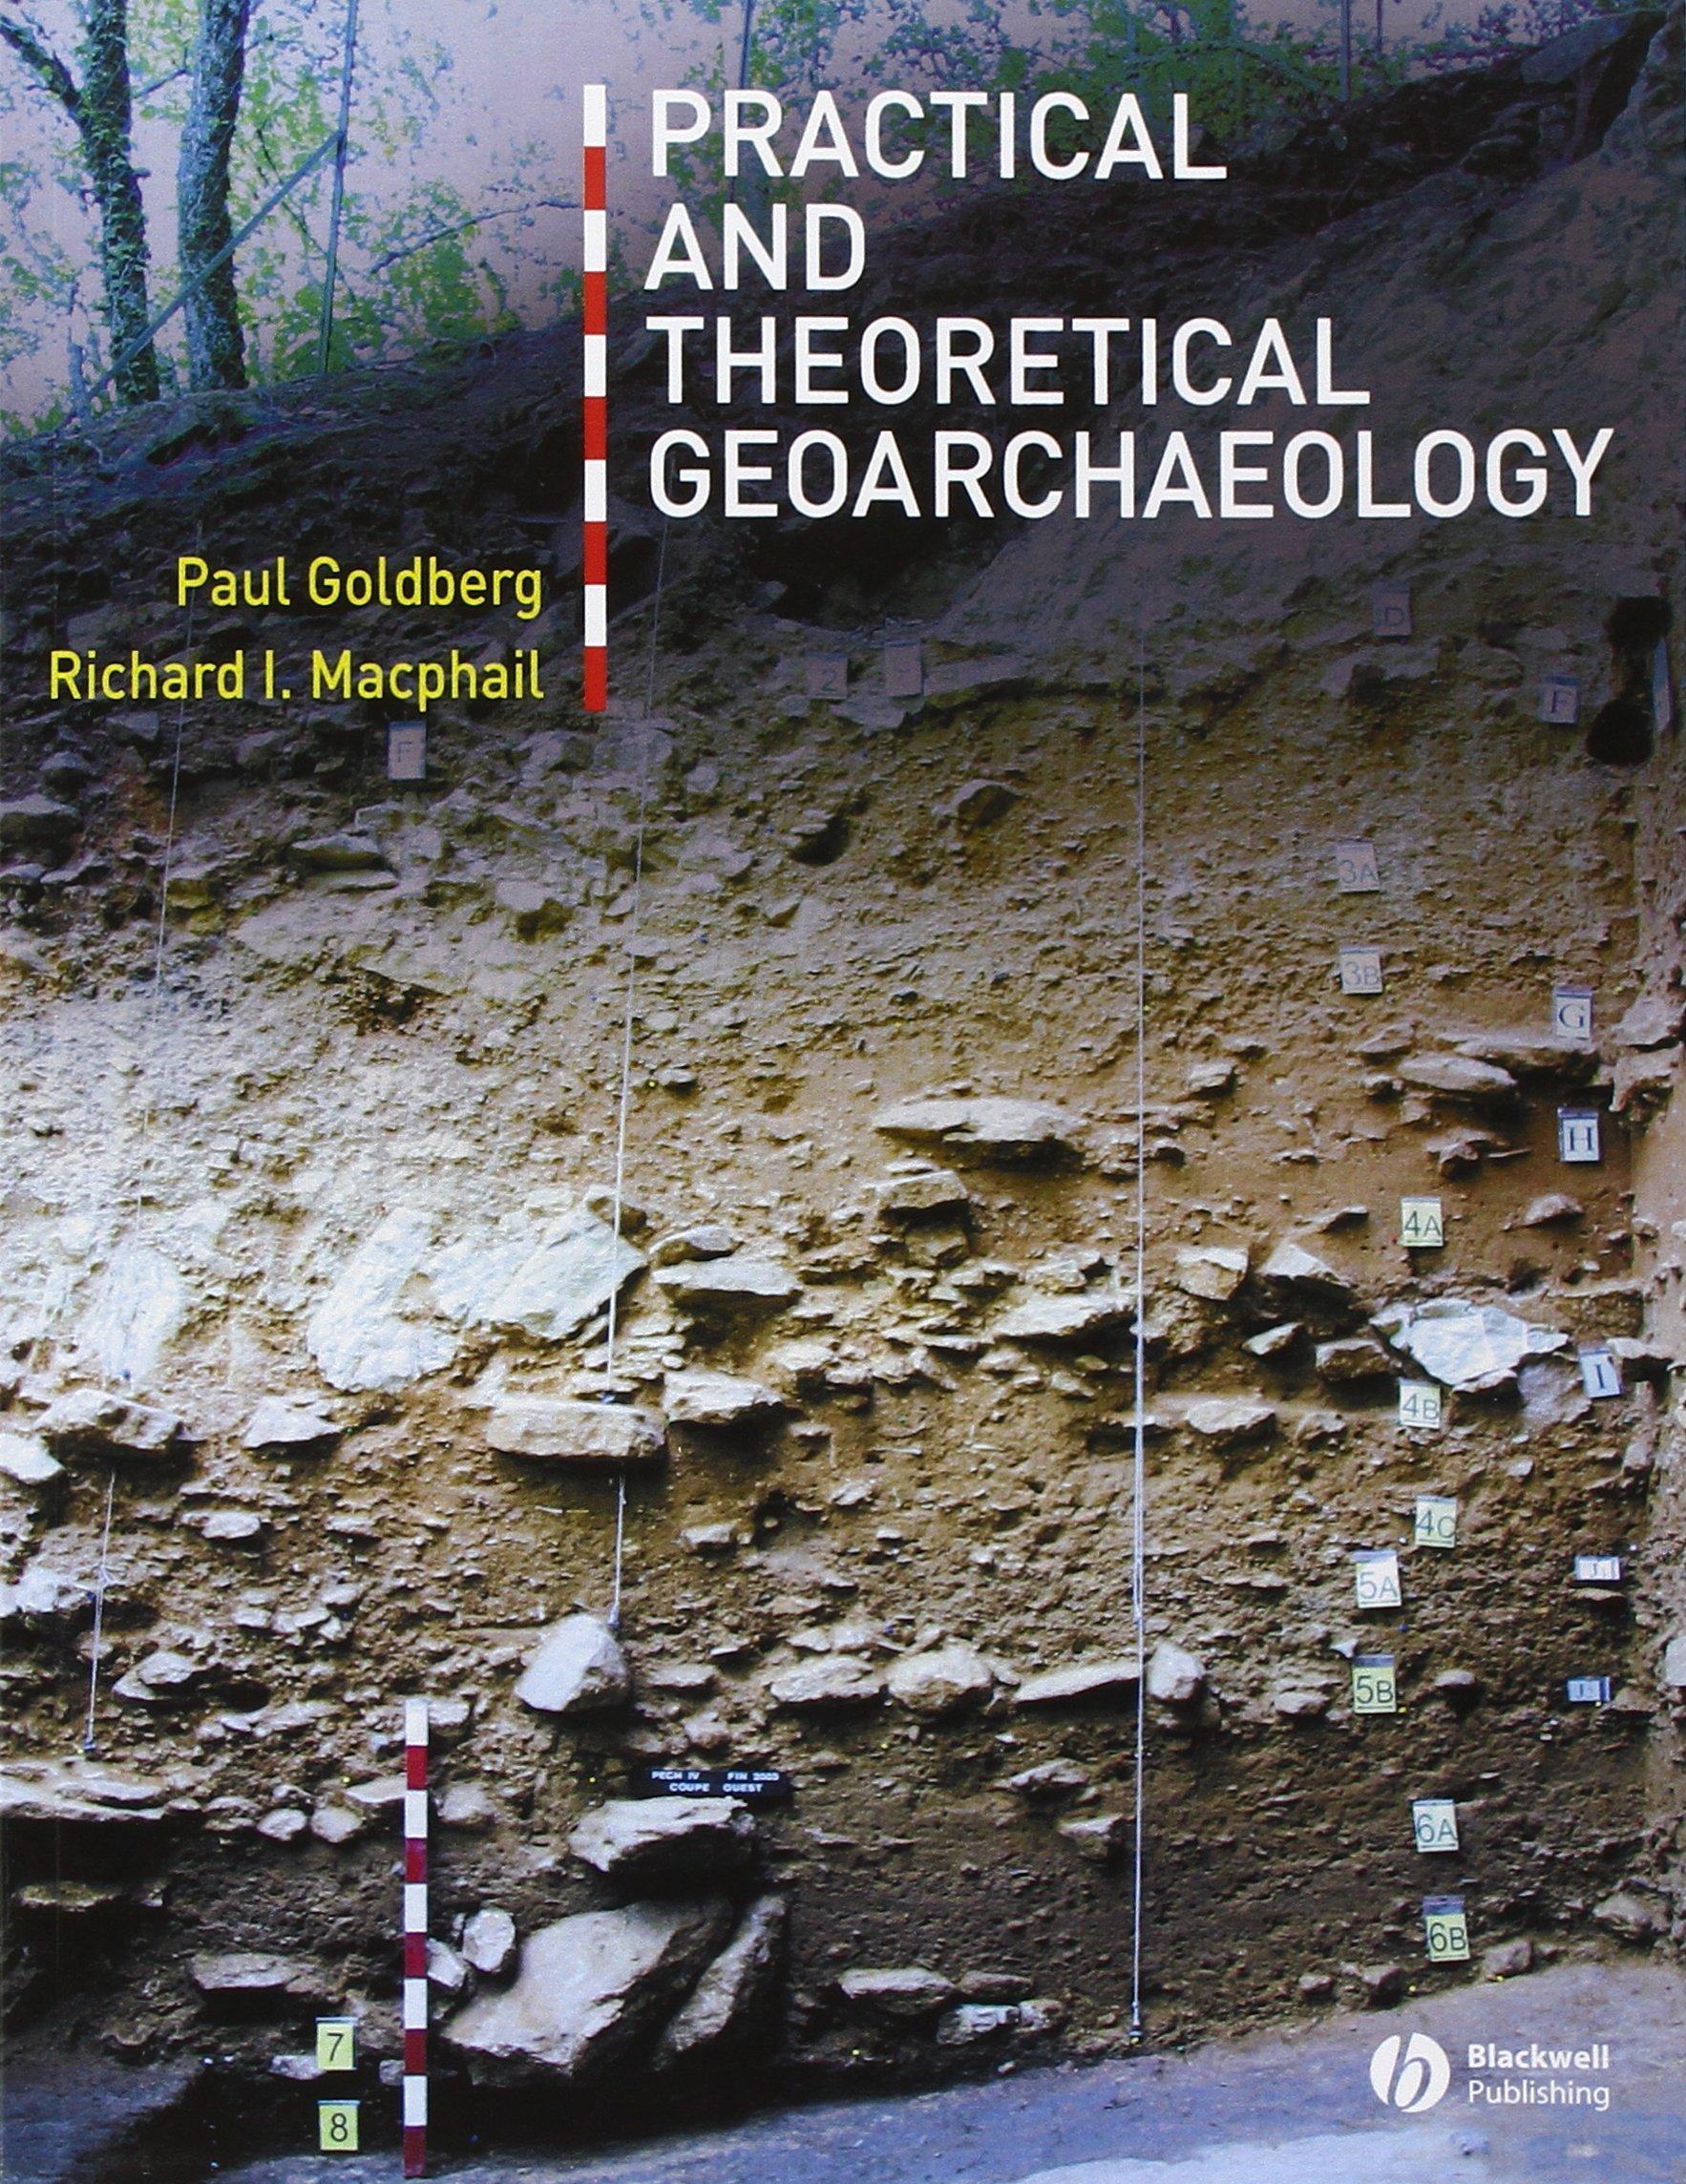 Practical and theoretical geoarchaeology: amazon.co.uk: paul ...